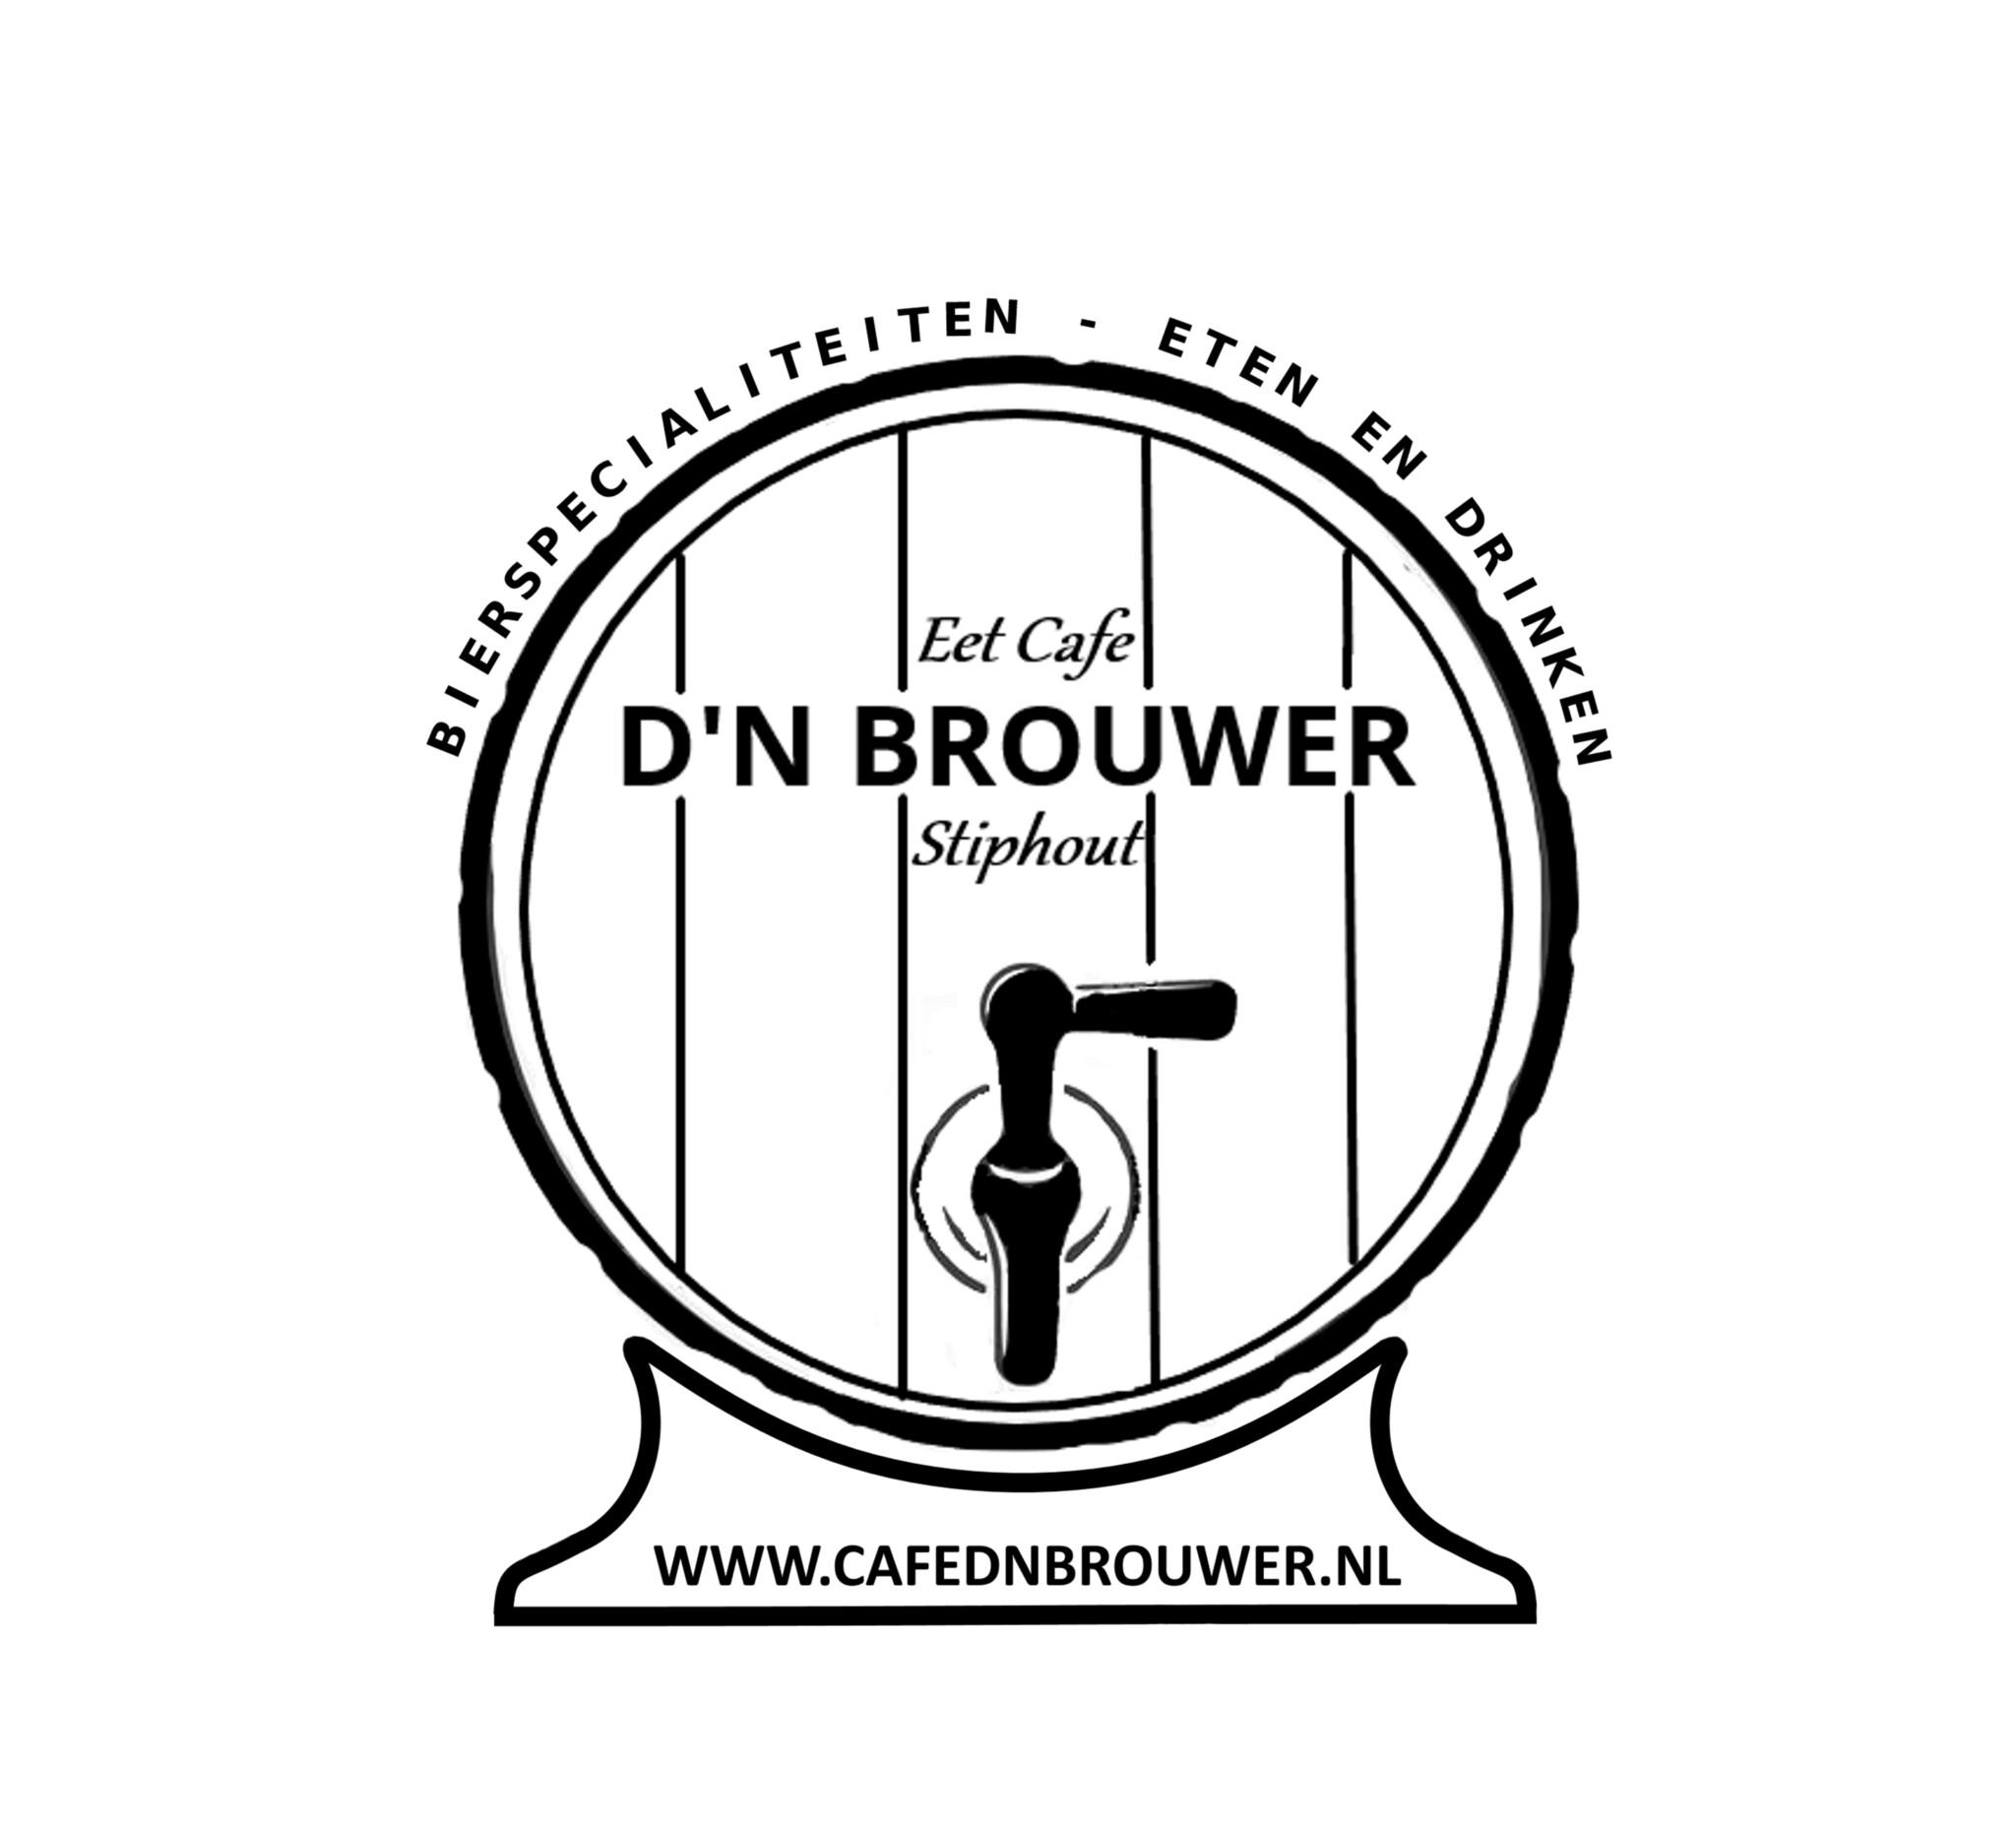 Café d'n Brouwer